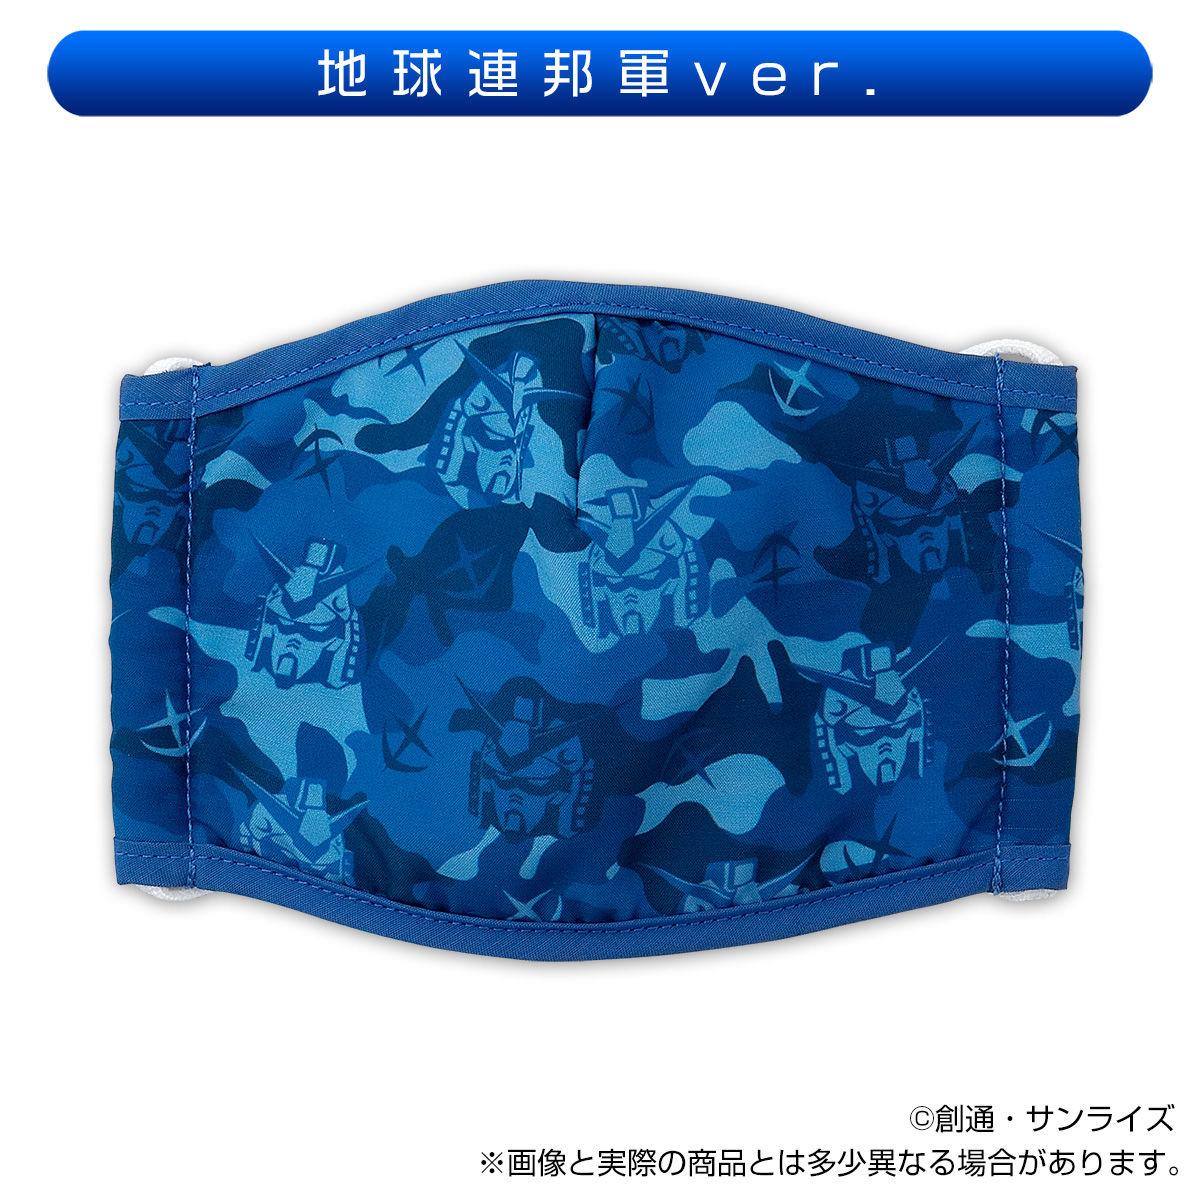 【限定販売】キャラマスク『CHARA-MASK 機動戦士ガンダム』グッズ-008